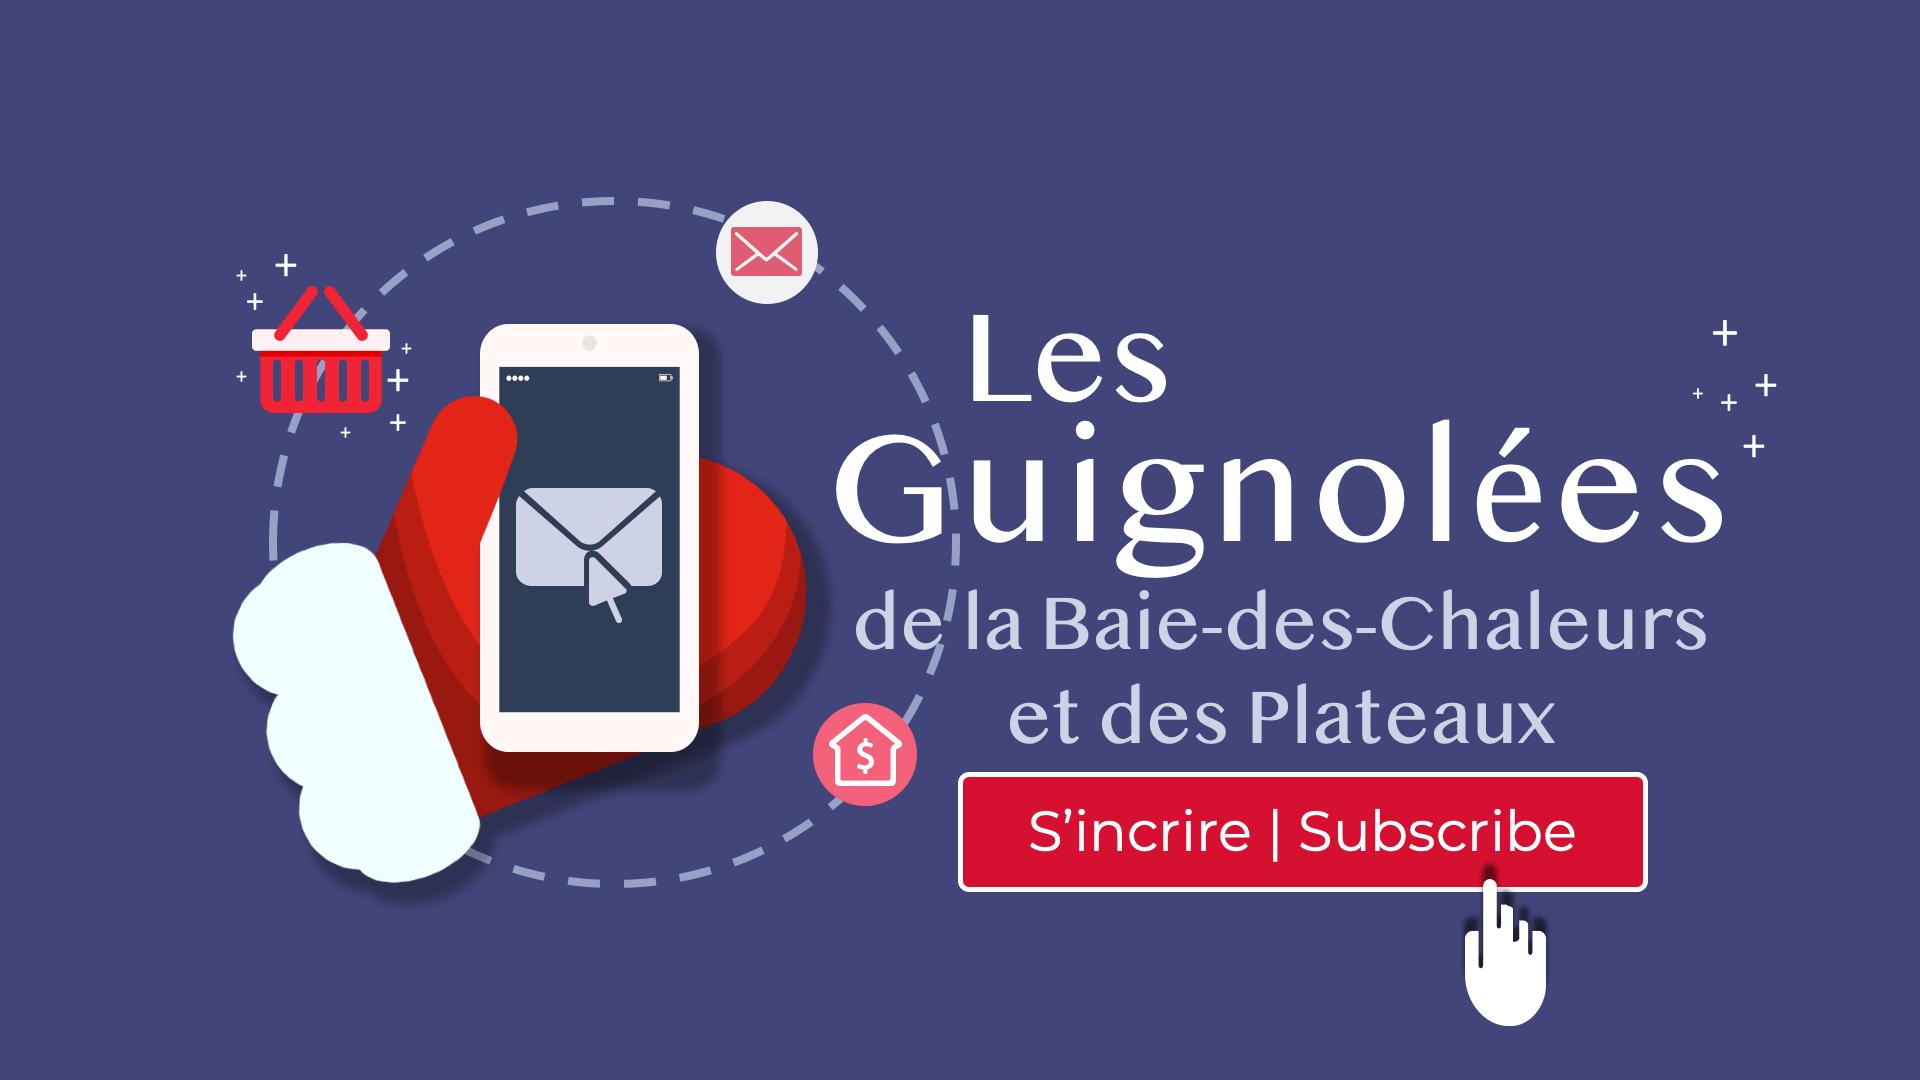 Les abonnés de la liste de diffusion reçoivent les dernières nouvelles des Guignolées de la Baie-des-Chaleurs et des Plateaux.